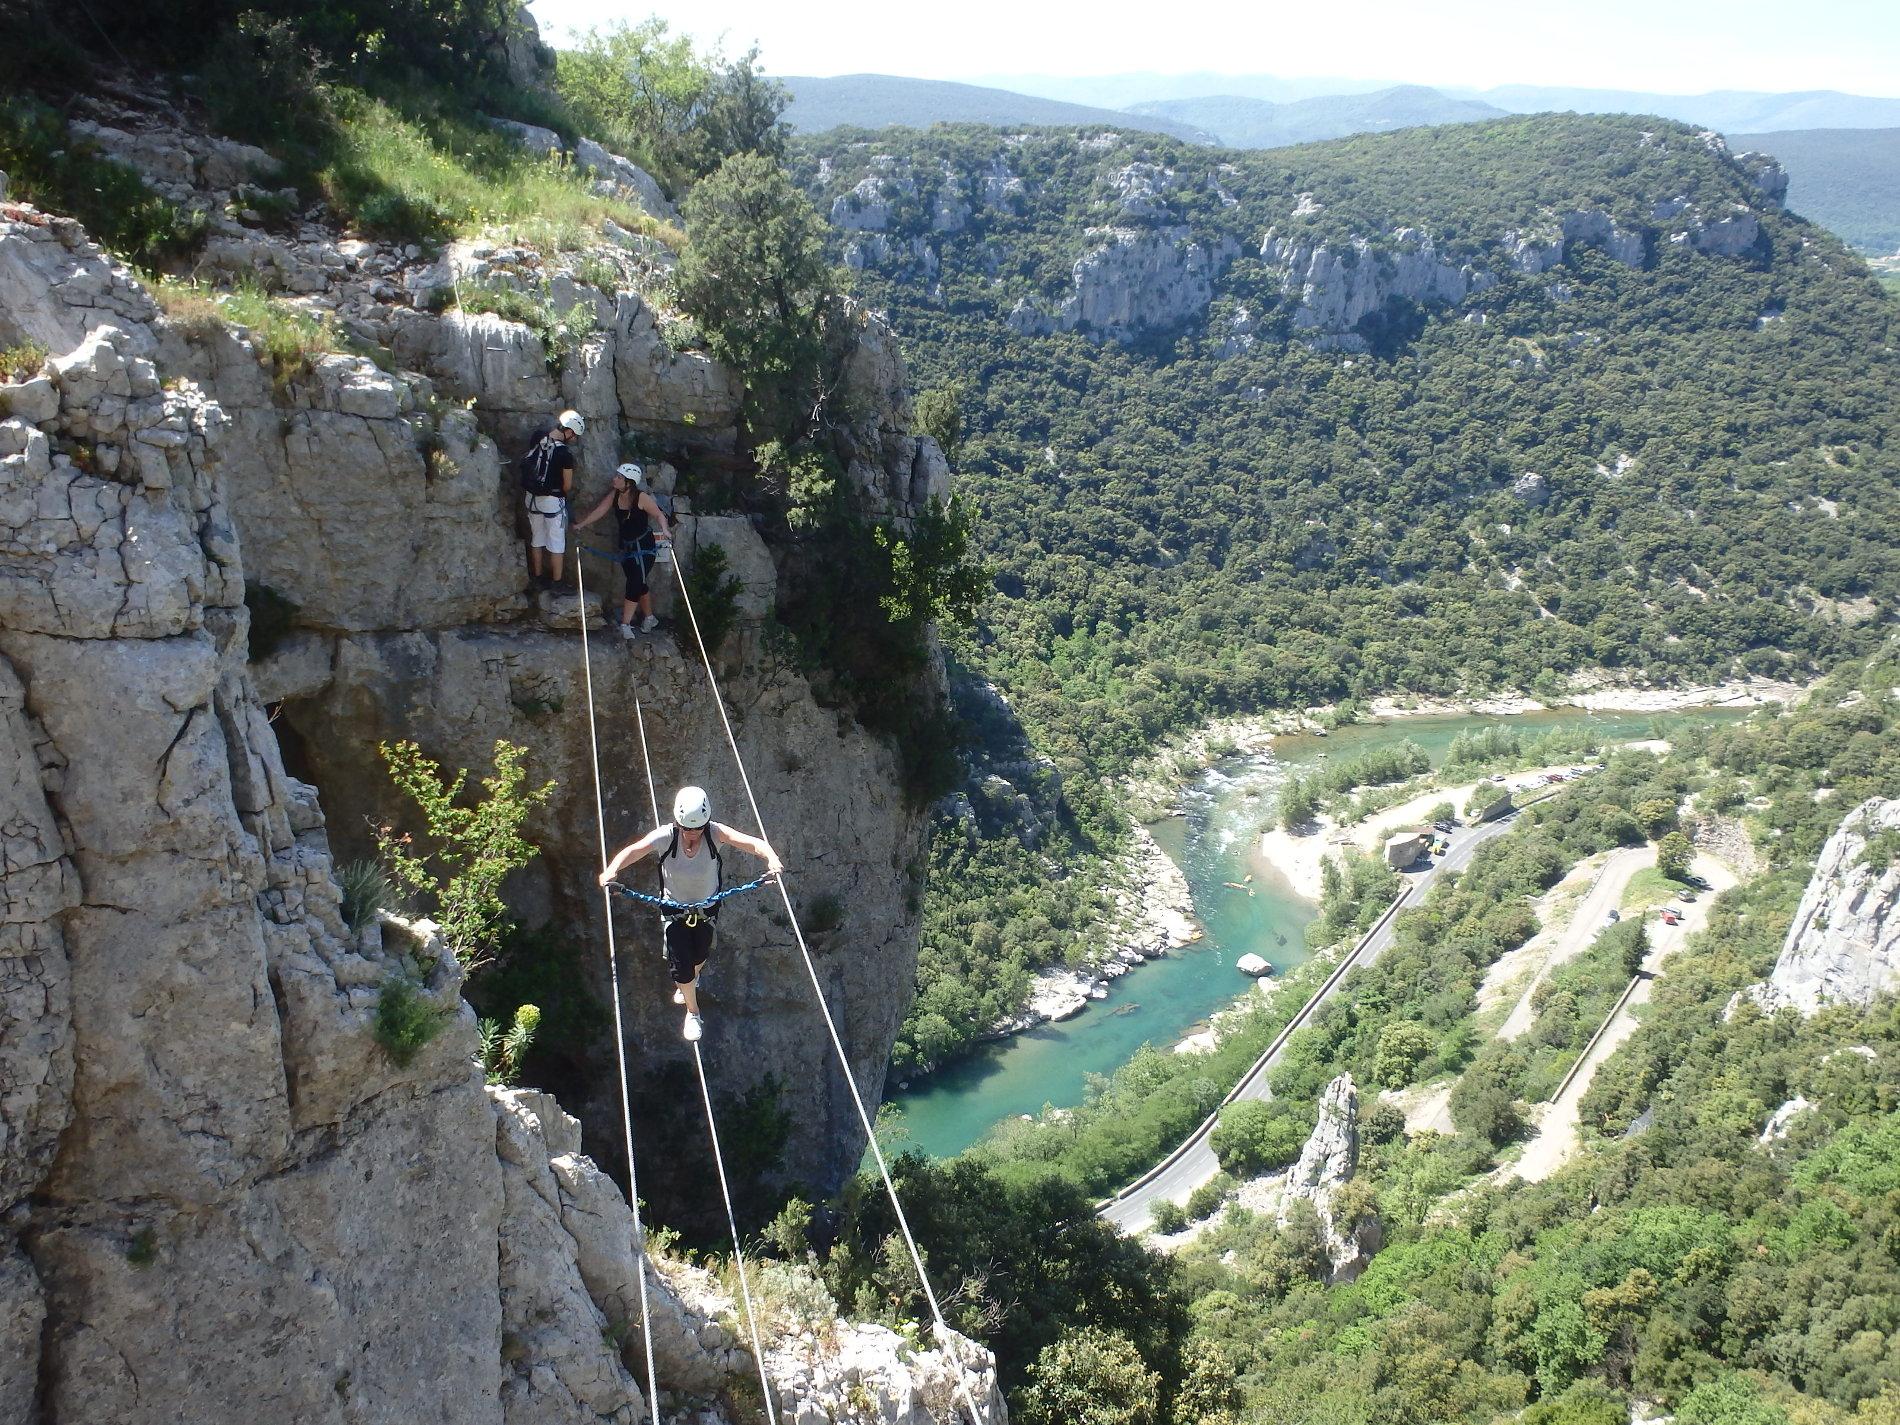 Via-ferrata du Thaurac entre Montpellier et Ganges dans l'Hérault tout près des Cévennes